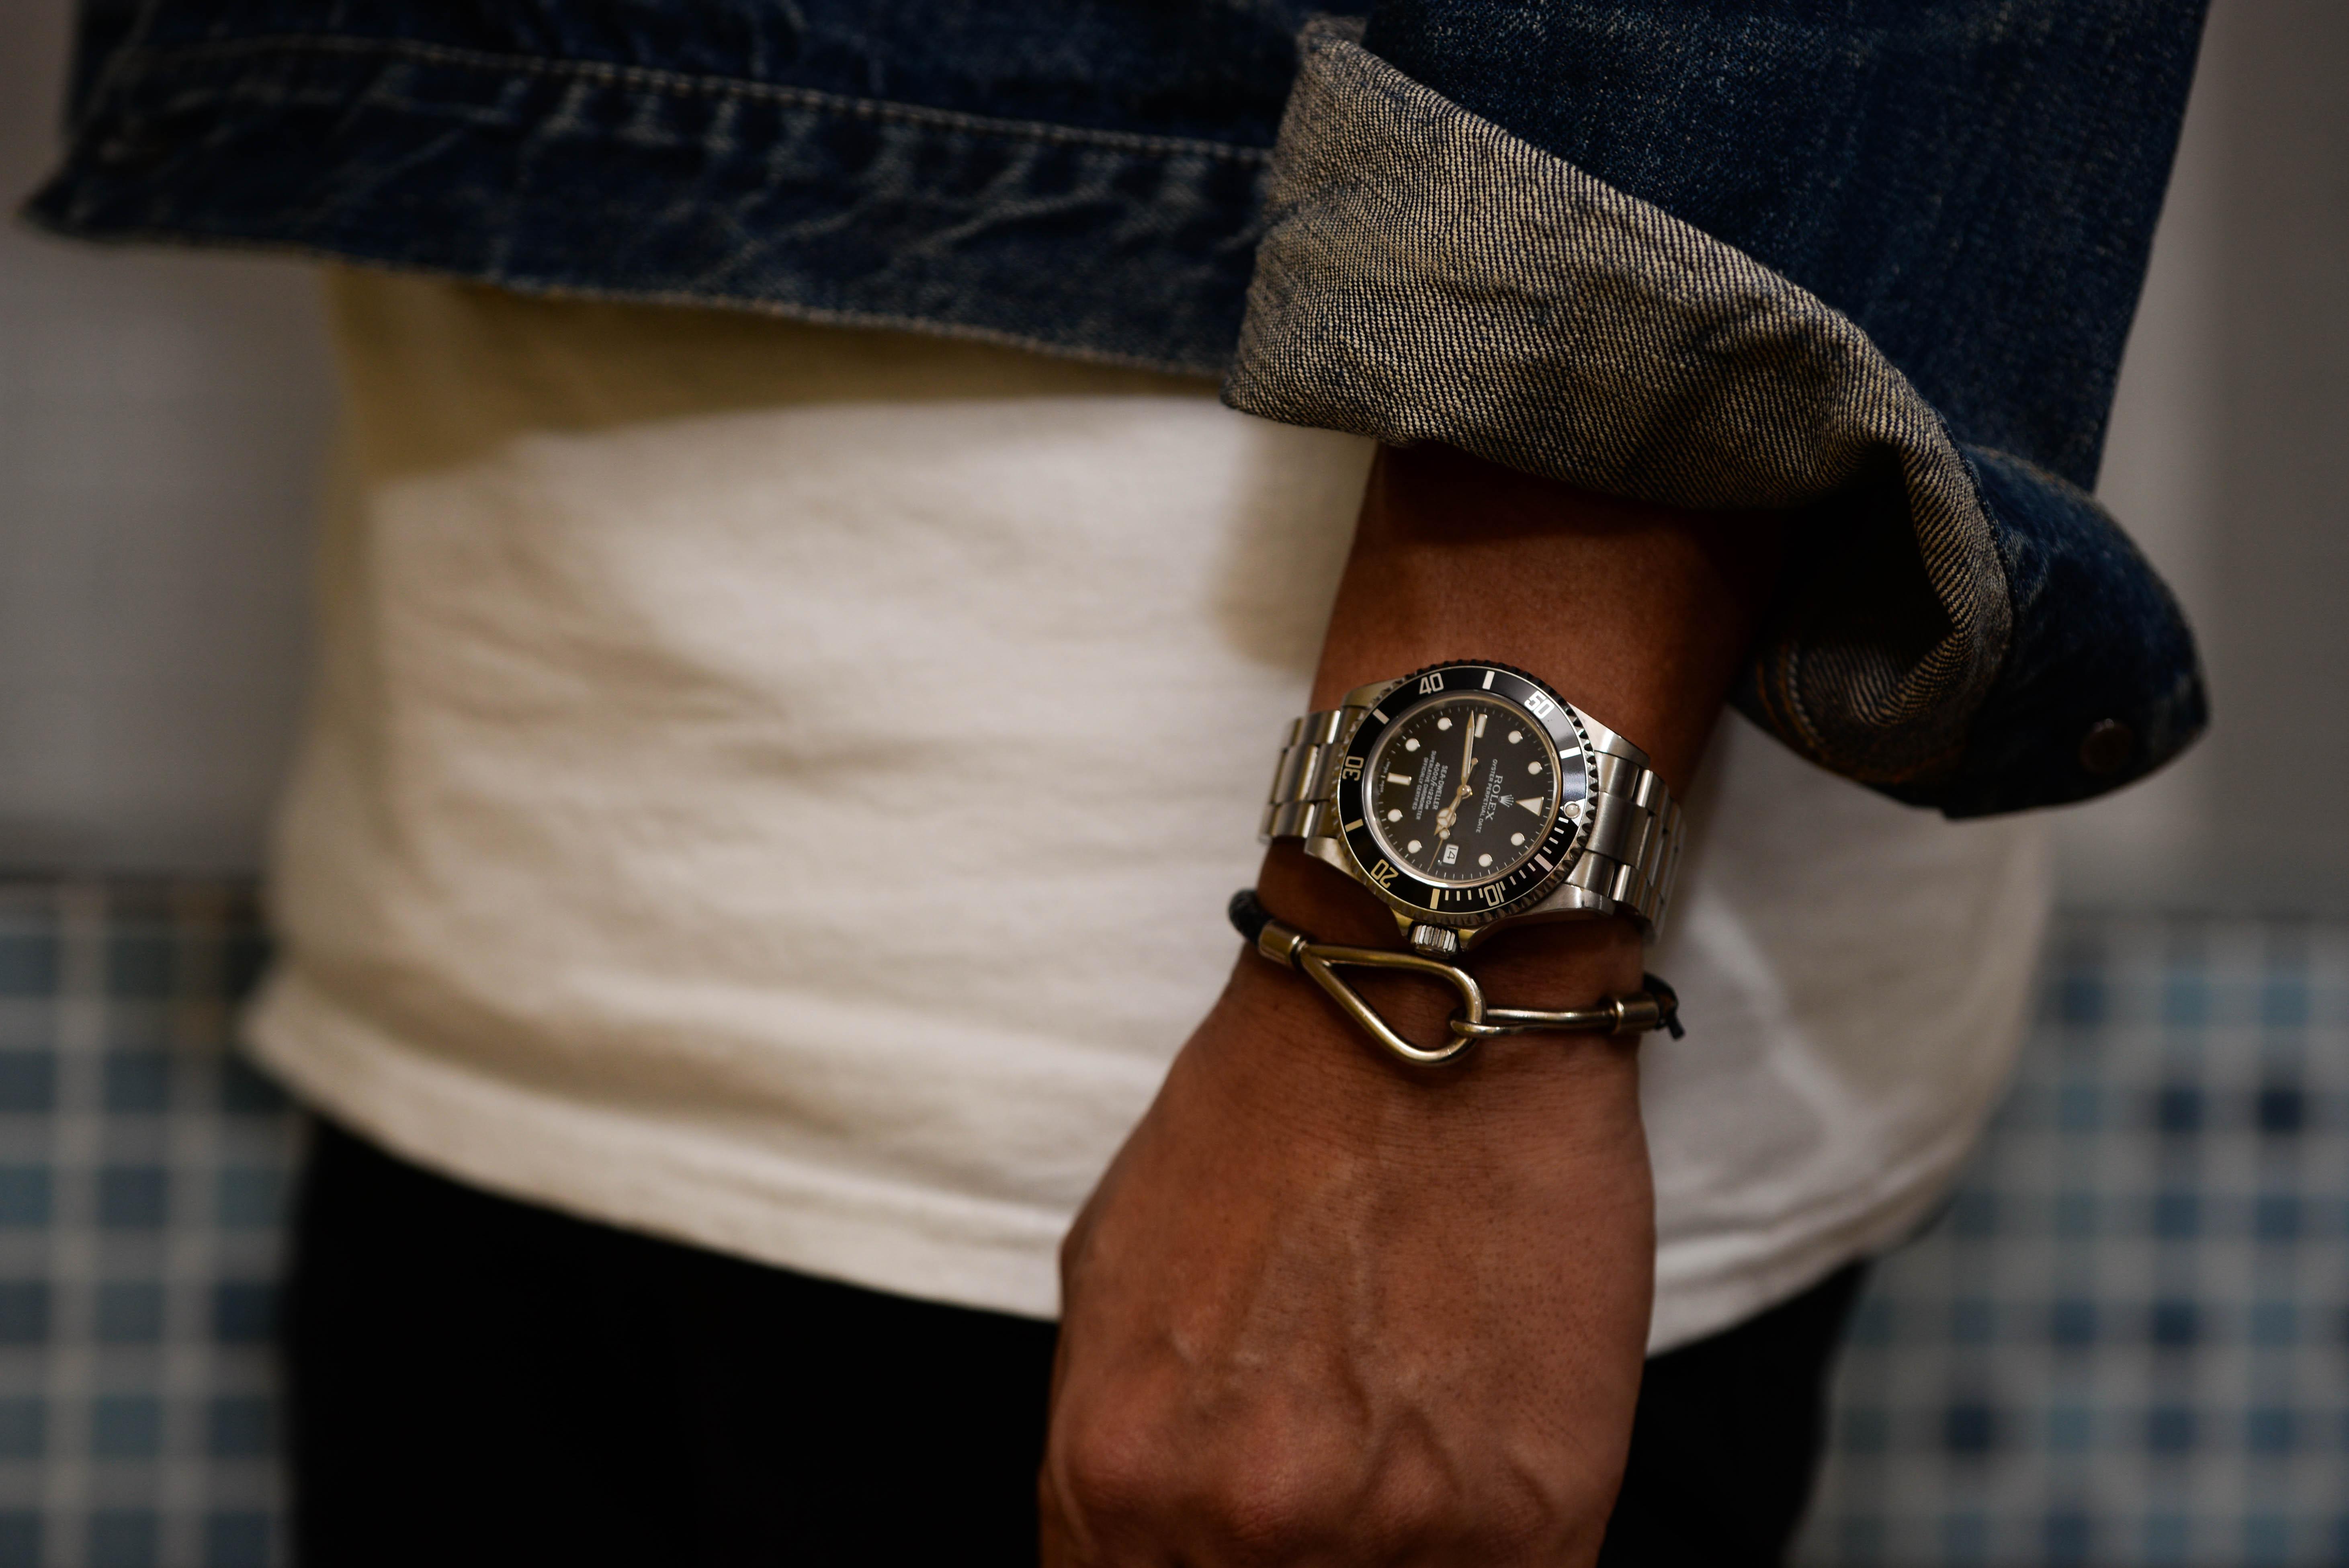 機会式腕時計に興味をもった